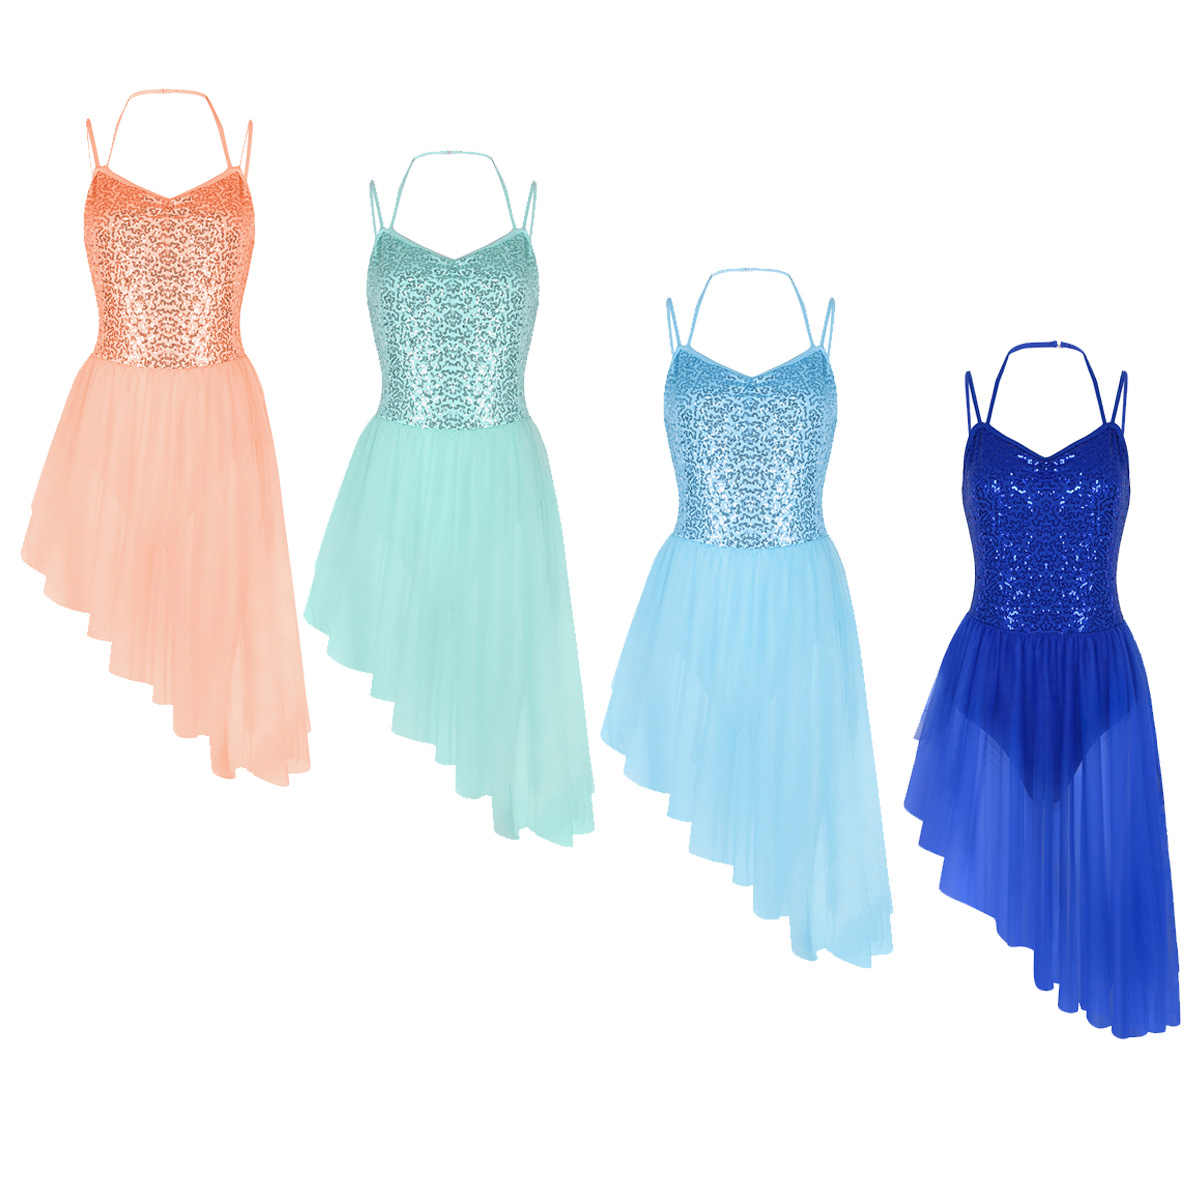 Женские Балетные платья на тонких бретельках, с бретельками, с блестками, нерегулярные тюлевые балетные и гимнастические трико, женские трико